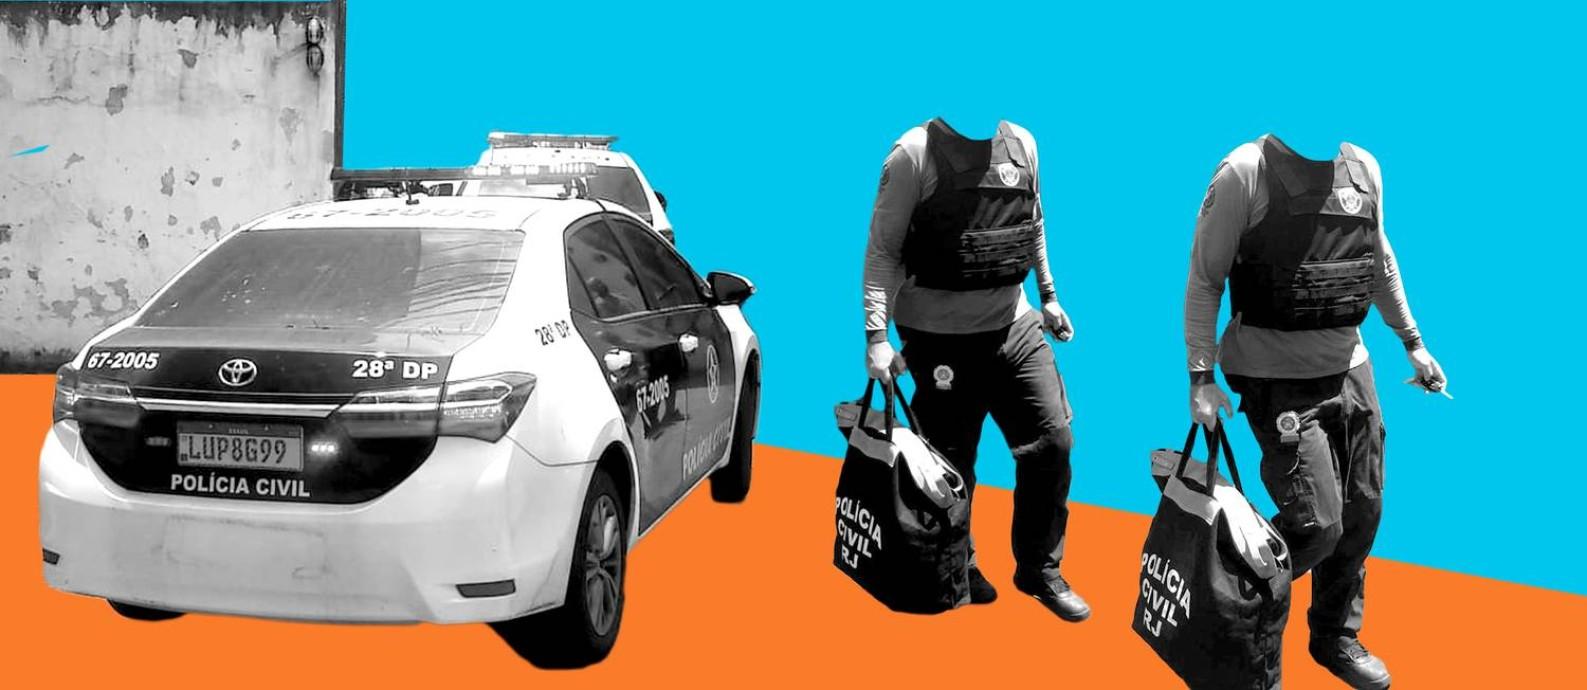 Construções irregulares e taxas cobradas pela prestação de serviços públicos viraram fontes de renda que ajudam a sustentar milícias e também o tráfico. Foto: Arte/O GLOBO